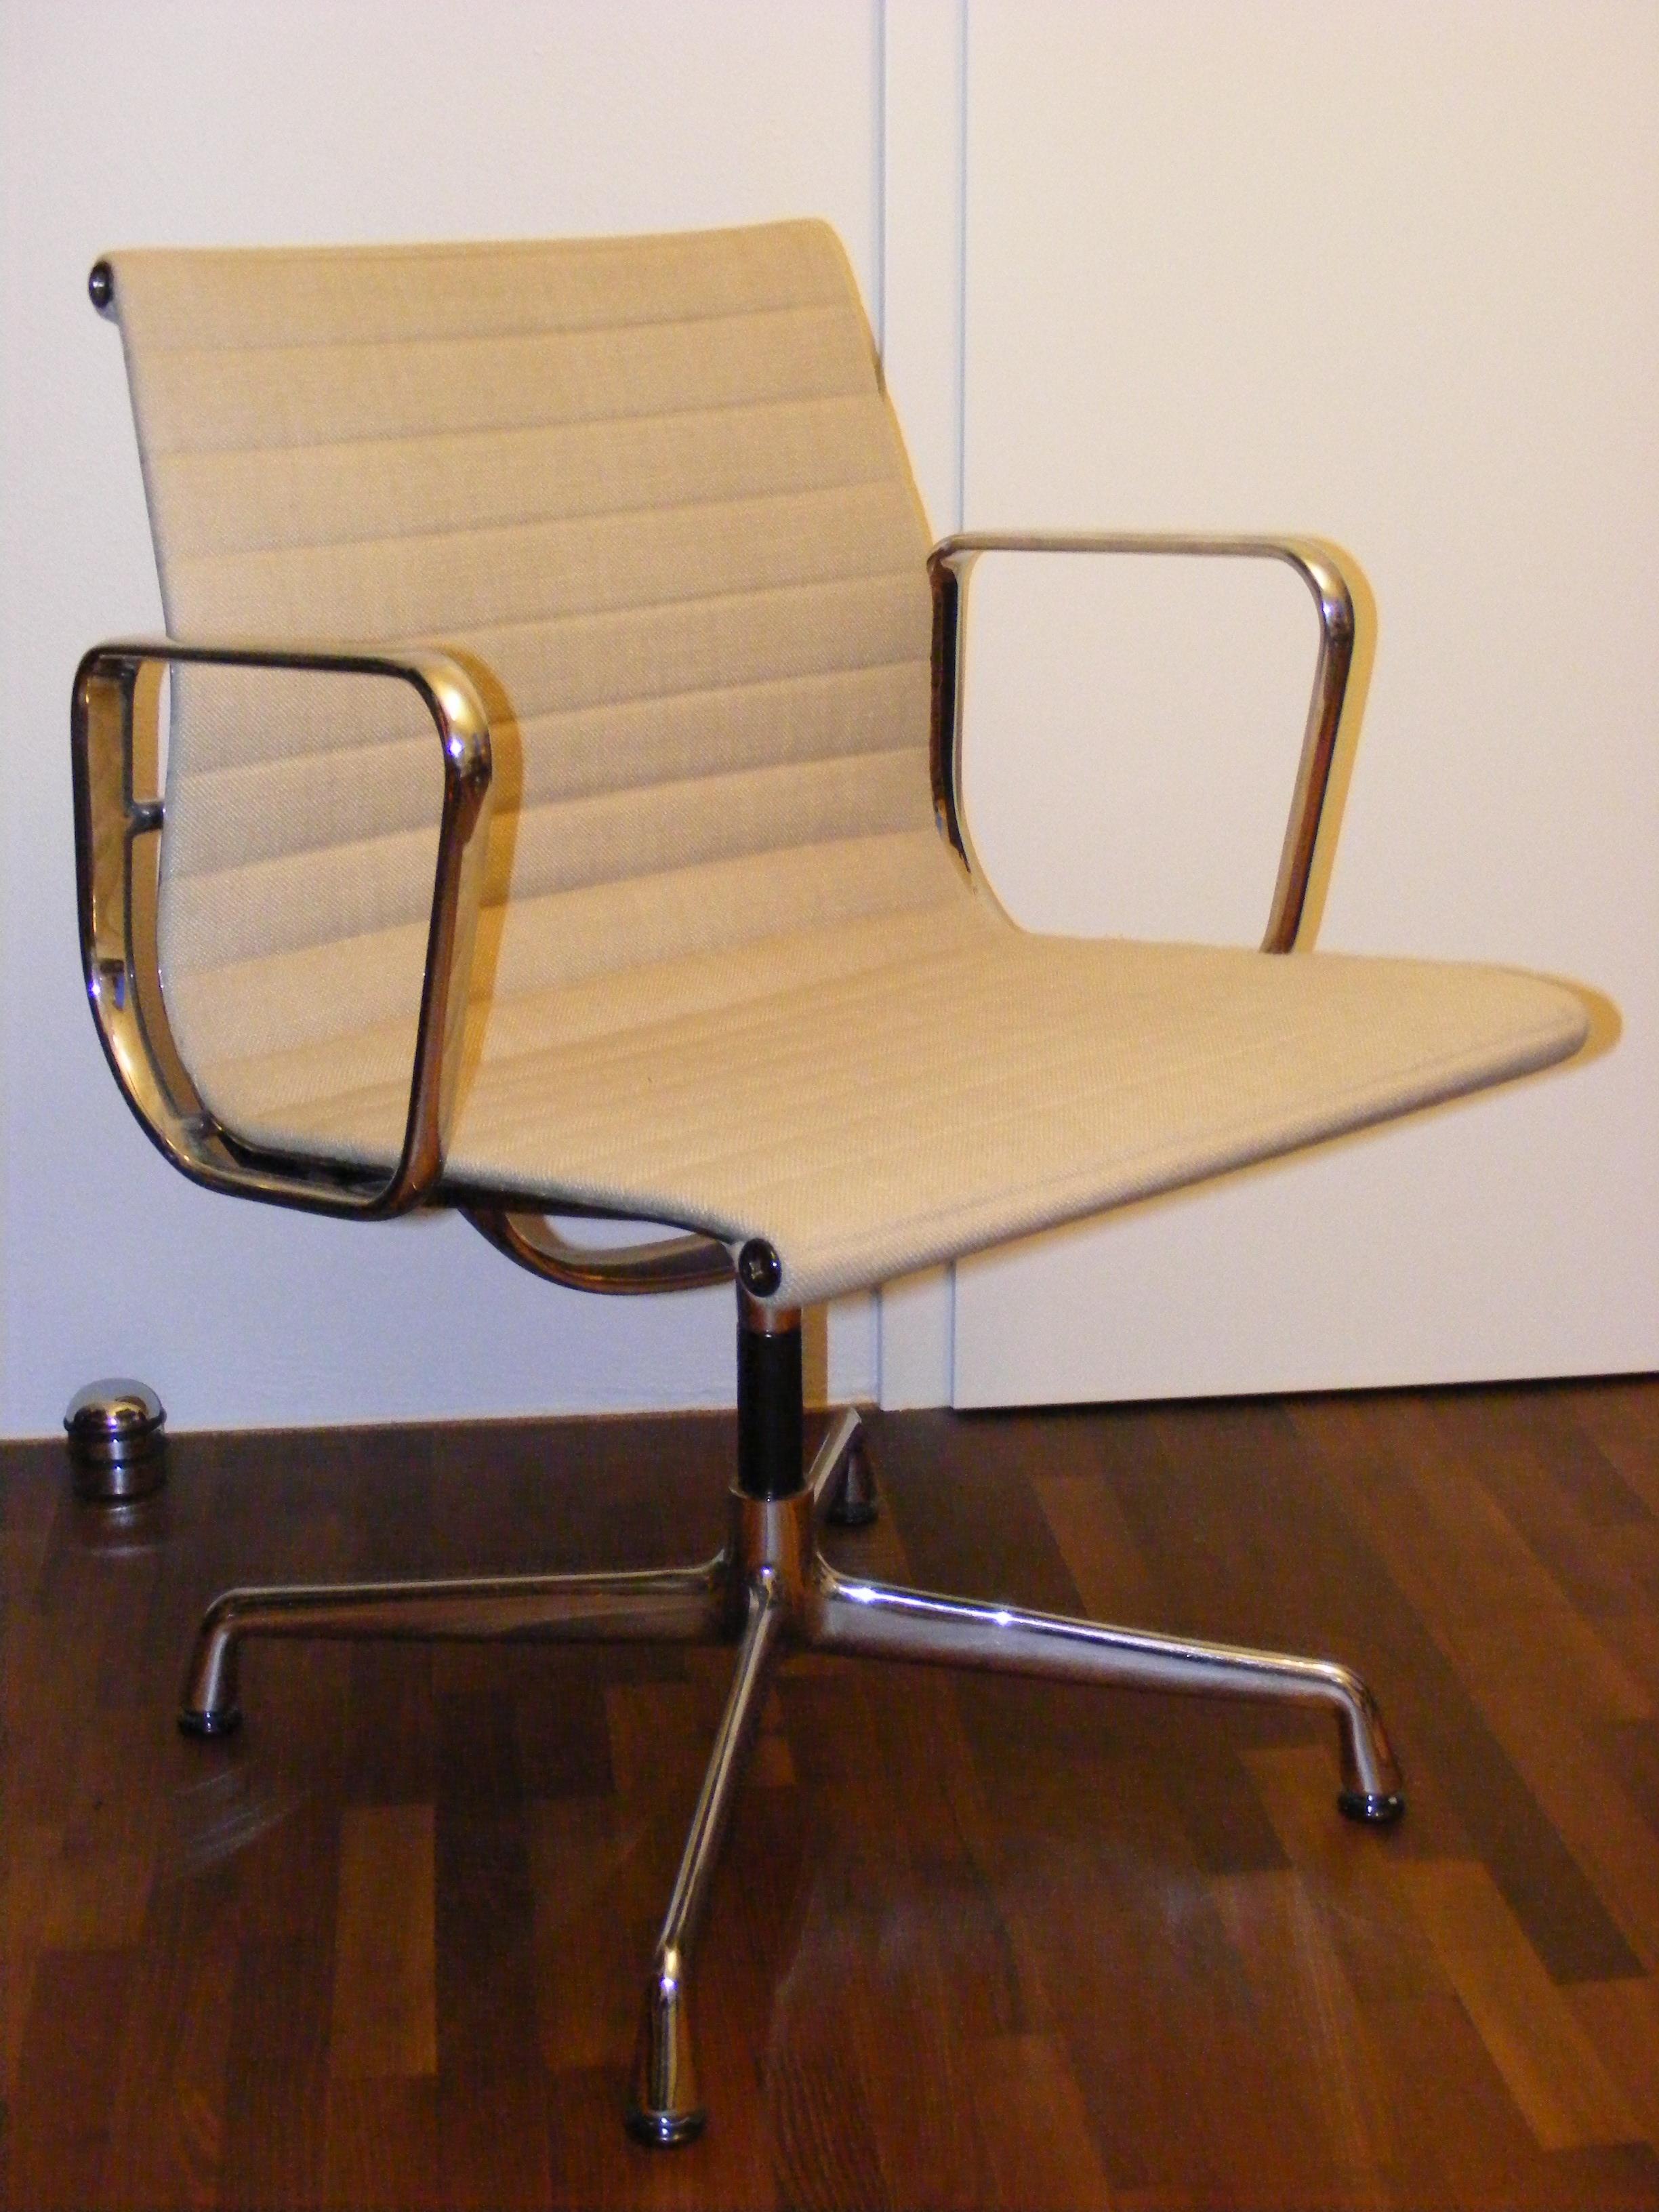 Stühle Klassiker ist perfekt design für ihr haus ideen